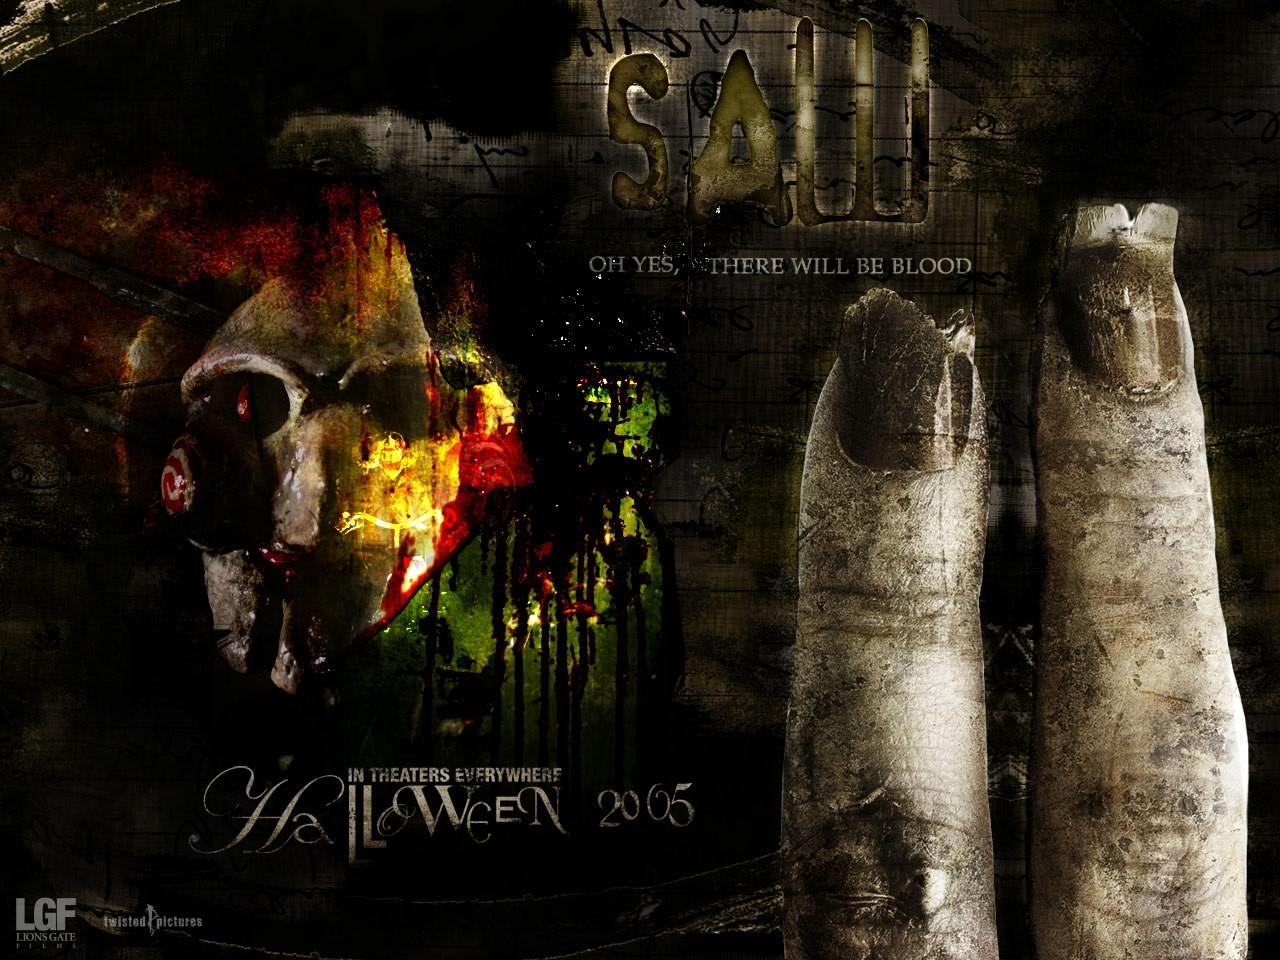 Wallpaper del film Saw 2 - La soluzione dell'enigma